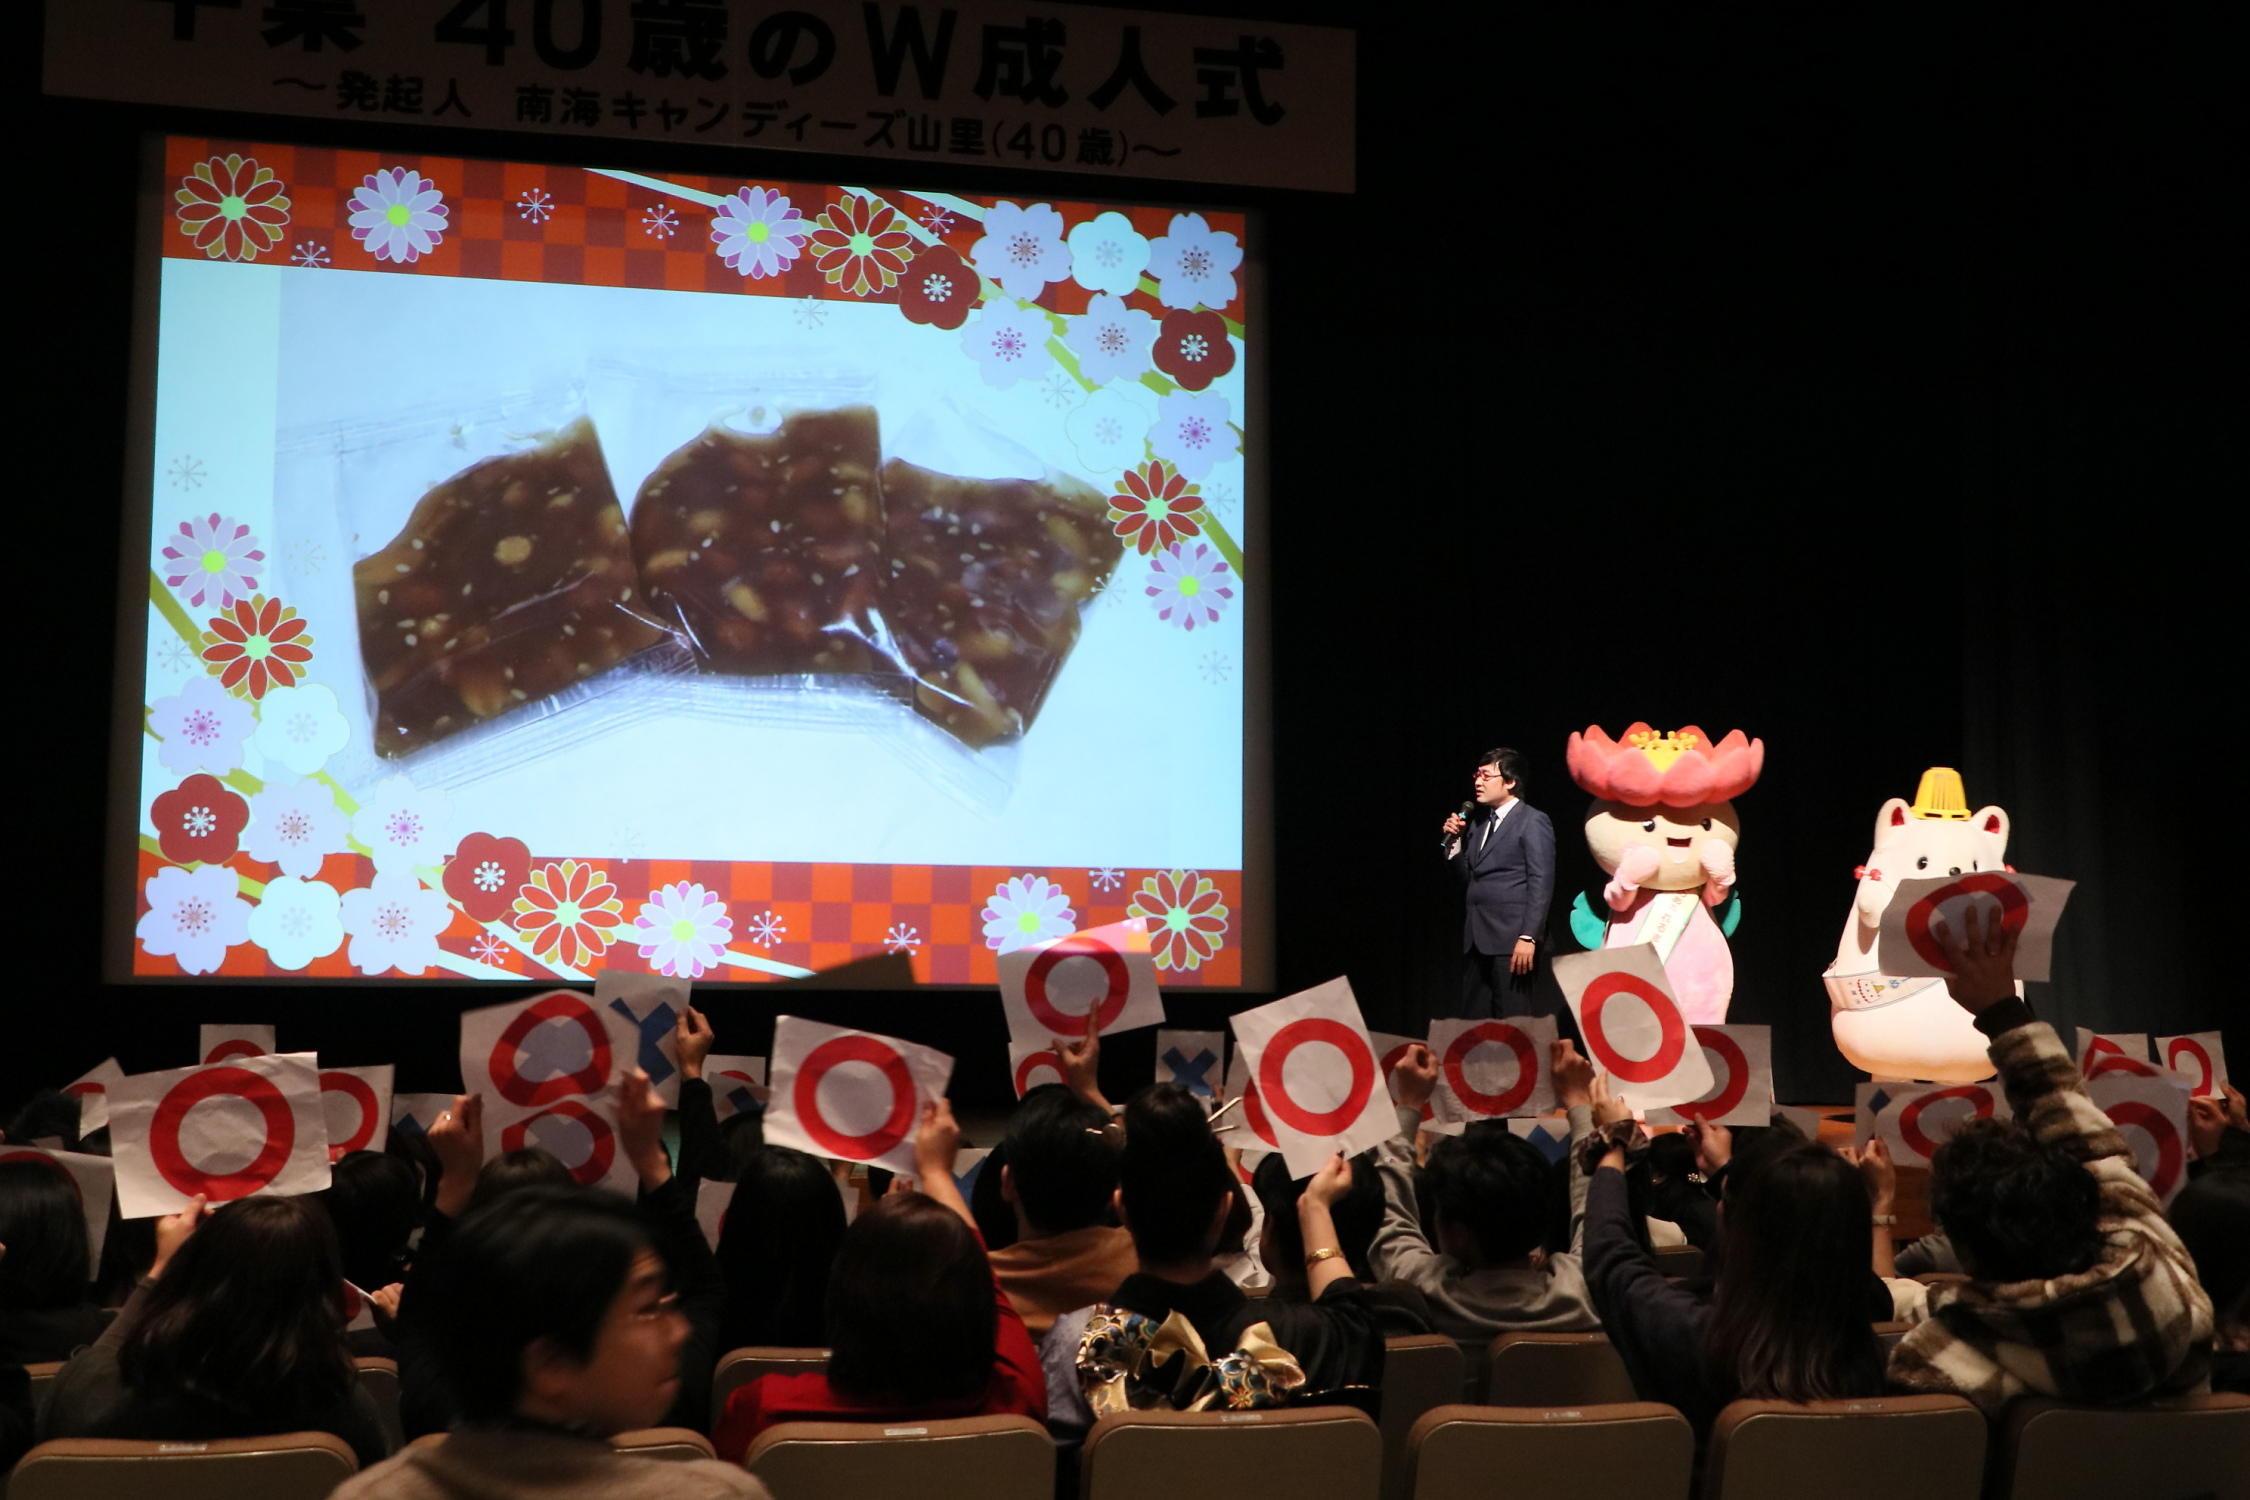 http://news.yoshimoto.co.jp/20180107132733-2ba5bc8d57ac7e9892359a1d8b6dfa32581d27f1.jpg